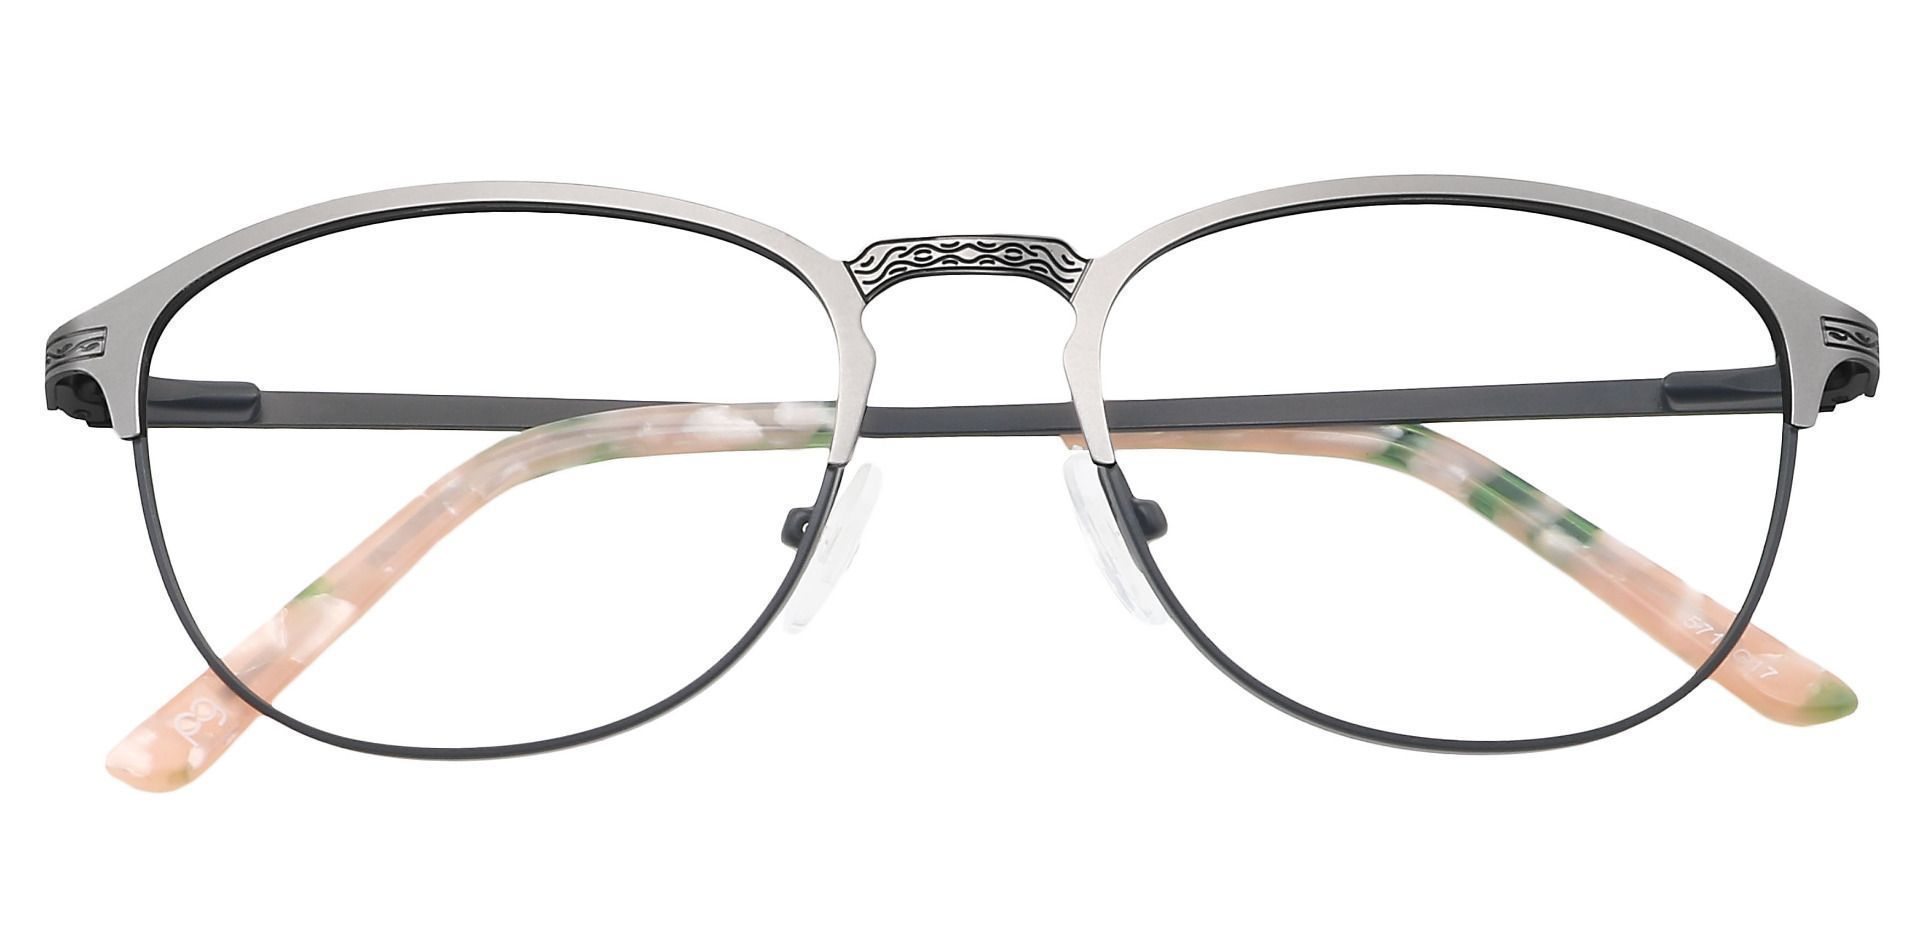 Mari Round Non-Rx Glasses - Black